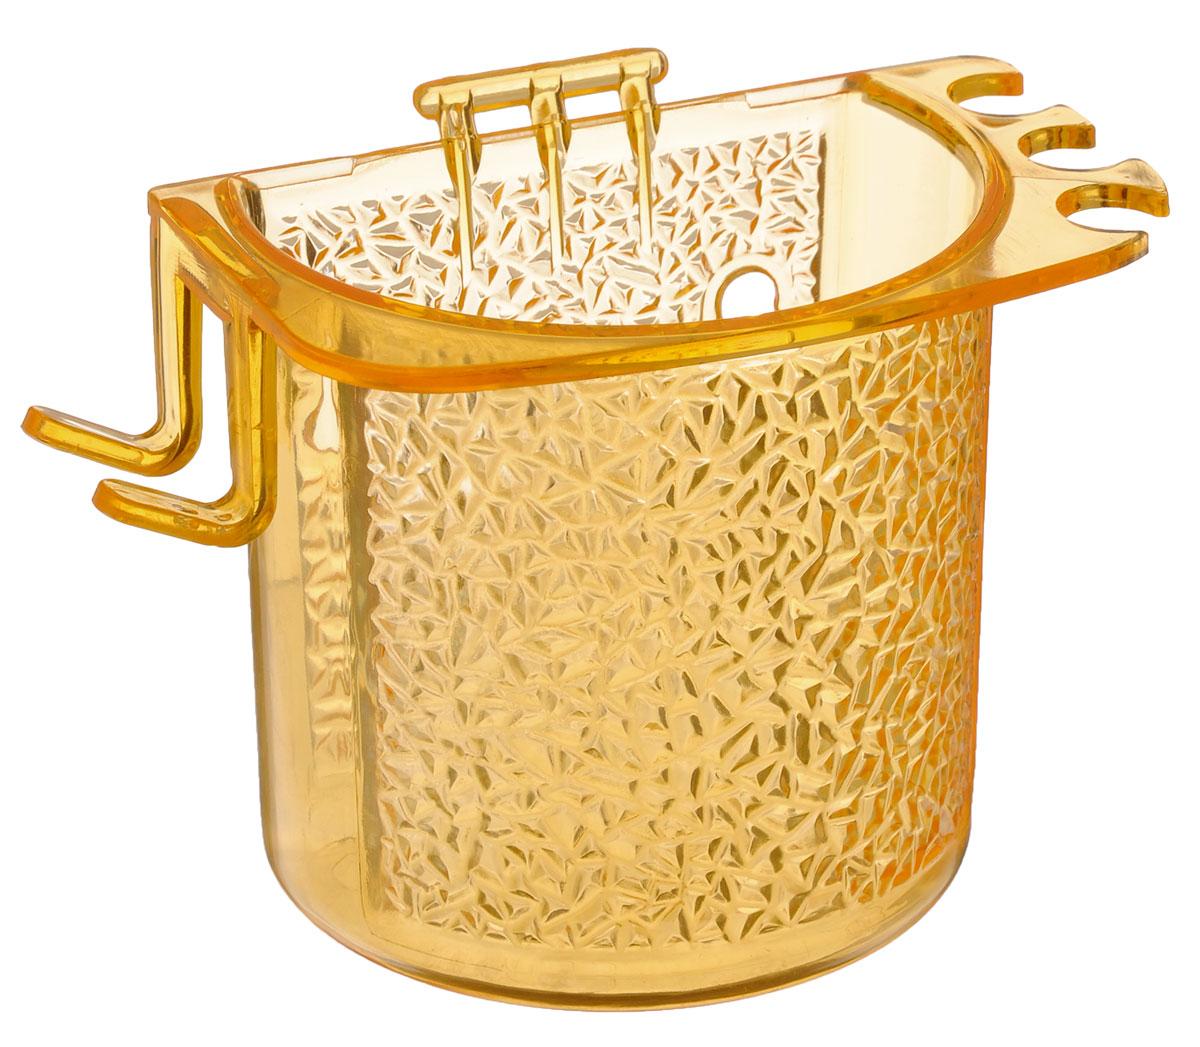 Стакан для ванной Fresh Code, на липкой основе, цвет: оранжевый68/5/3Стакан для ванной комнаты Fresh Code выполнен из ABS пластика. Крепление на липкой основе многократного использования идеально подходит для гладкой поверхности. С оборотной стороны изделие оснащено двумя отверстиями для удобного размещения на стене.В стакане удобно хранить зубные щетки, пасту и другие принадлежности. Аксессуары для ванной комнаты Fresh Code стильно украсят интерьер и добавят в обычную обстановку яркие и модные акценты. Стакан идеально подойдет к любому стилю ванной комнаты.